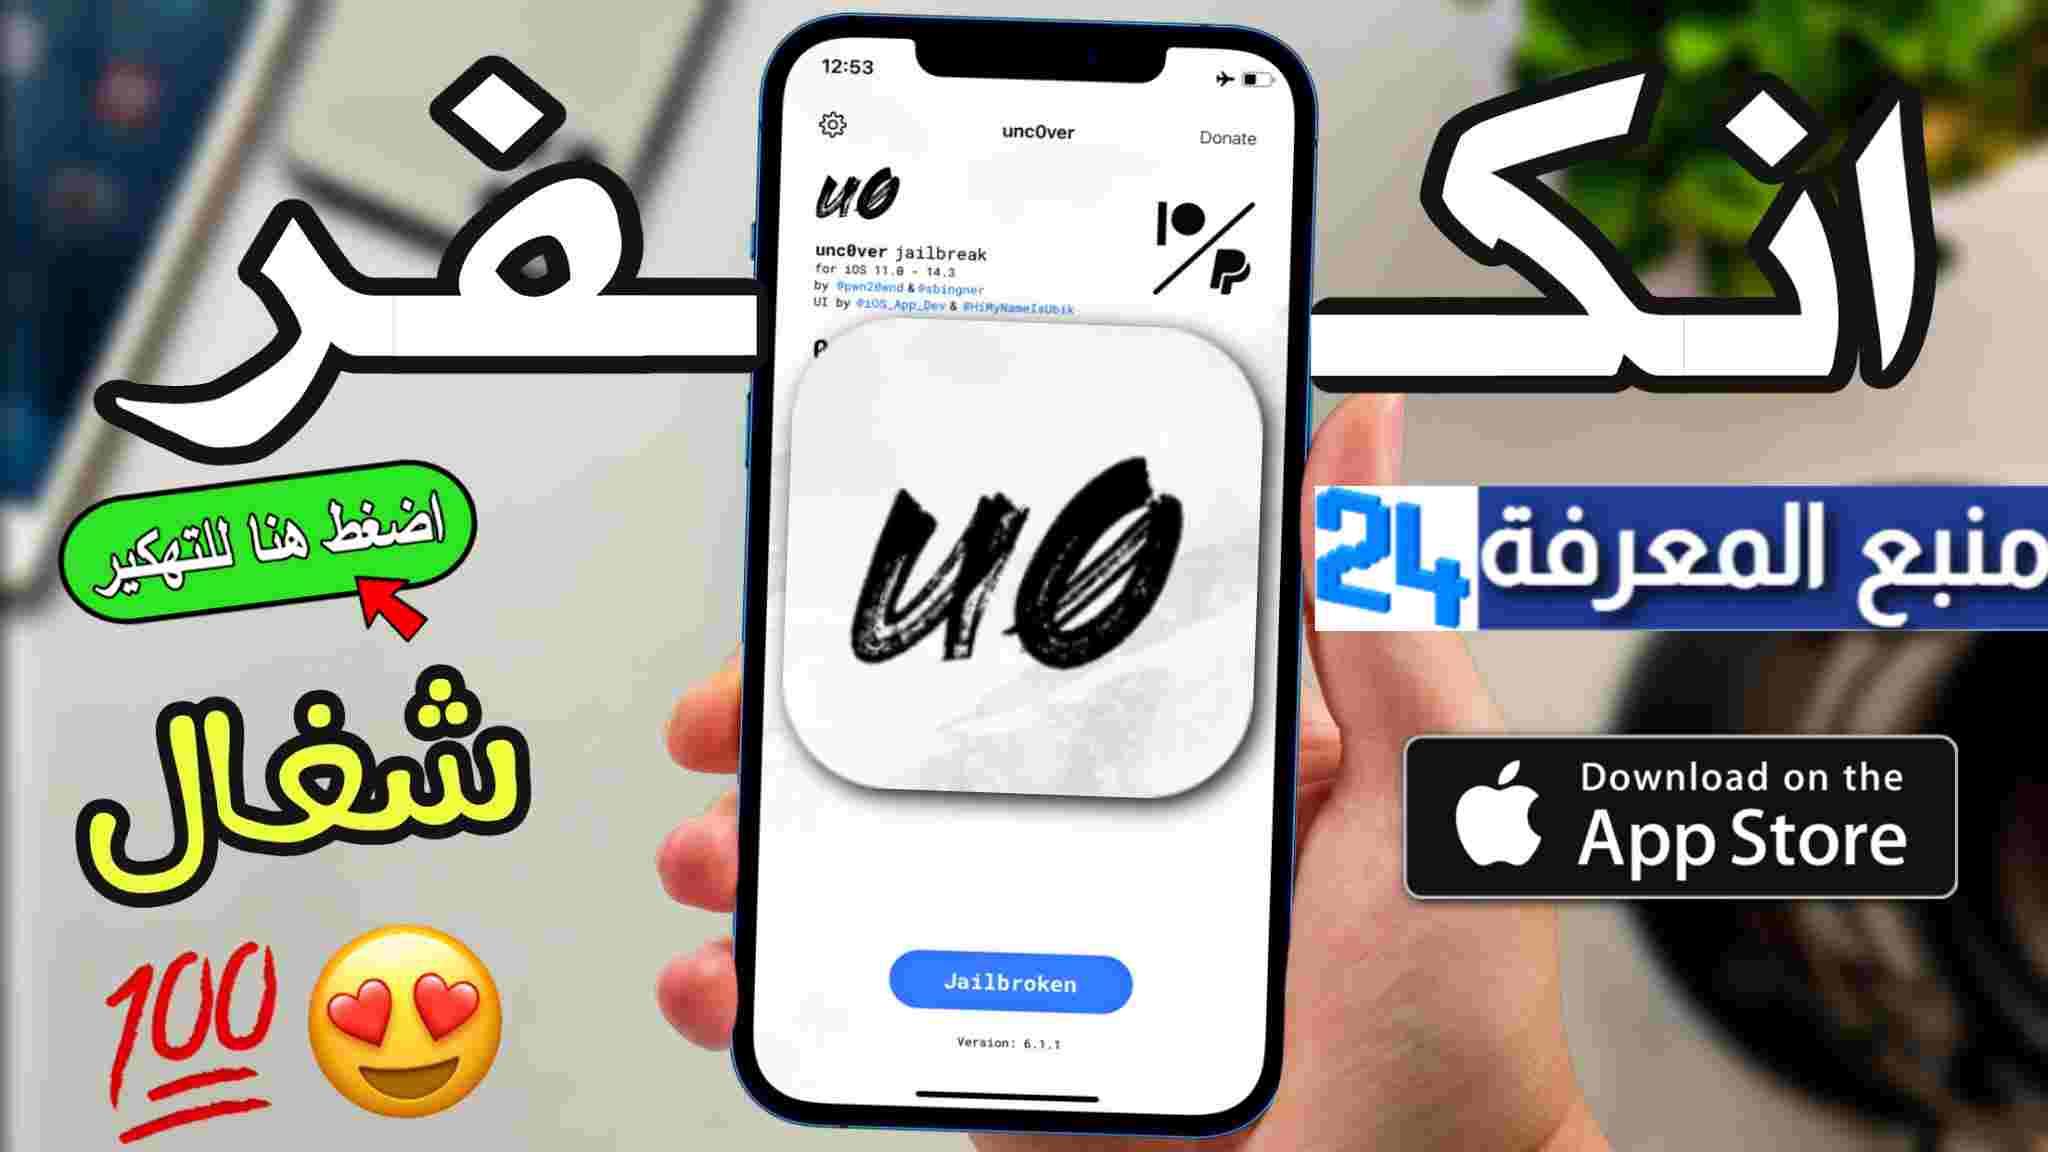 تحميل جلبريك انكفر Unc0ver iOS 14.3 بدون كمبيوتر 2021